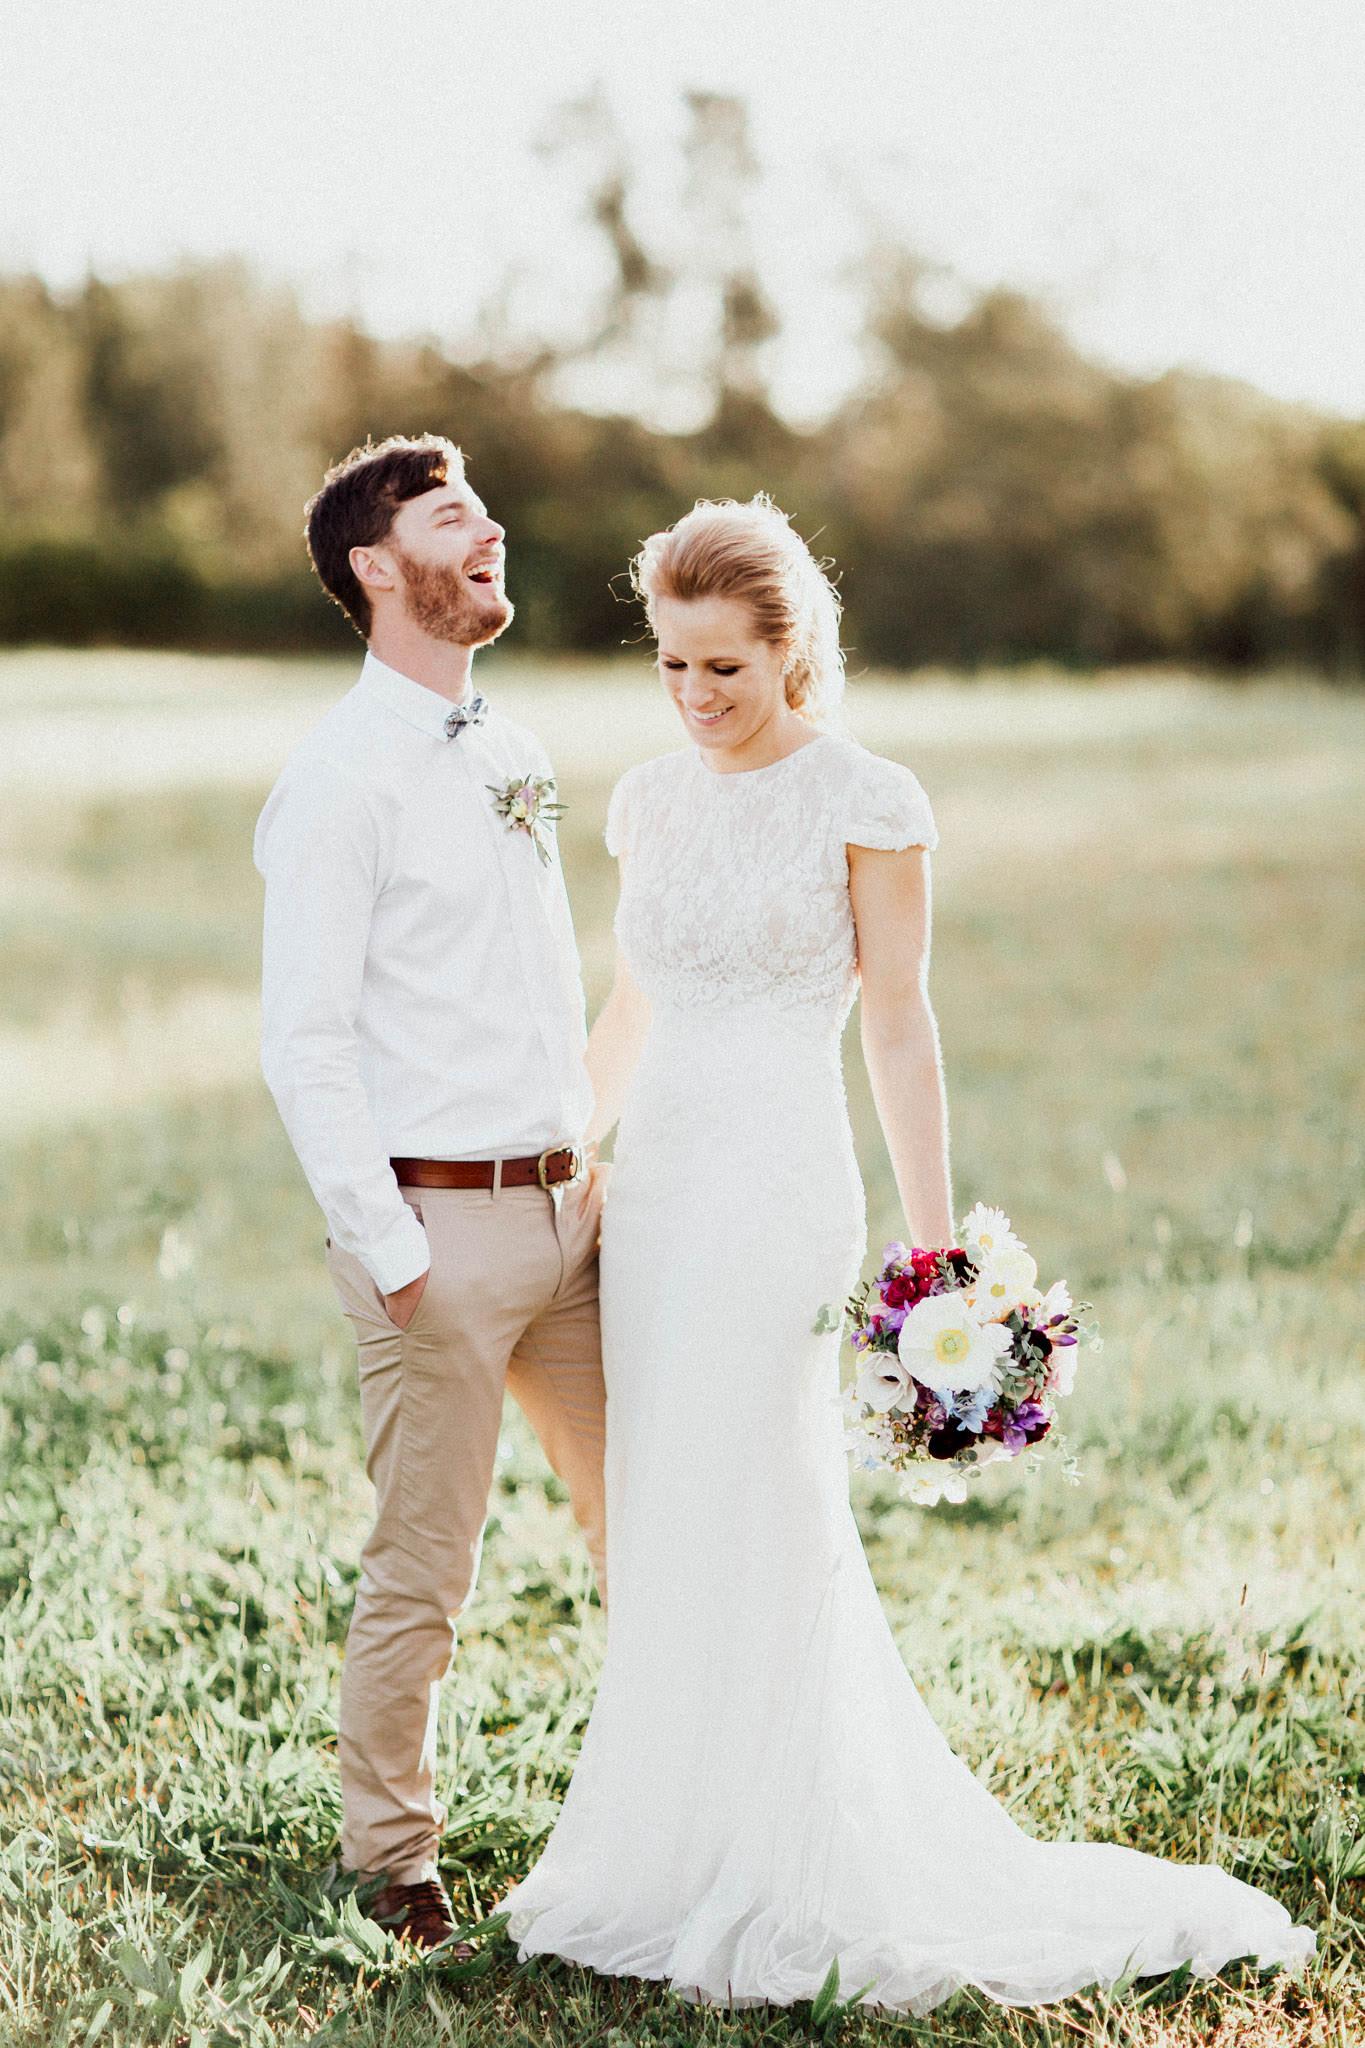 WeddingPhotos_Facebook_2048pixels-1613.jpg